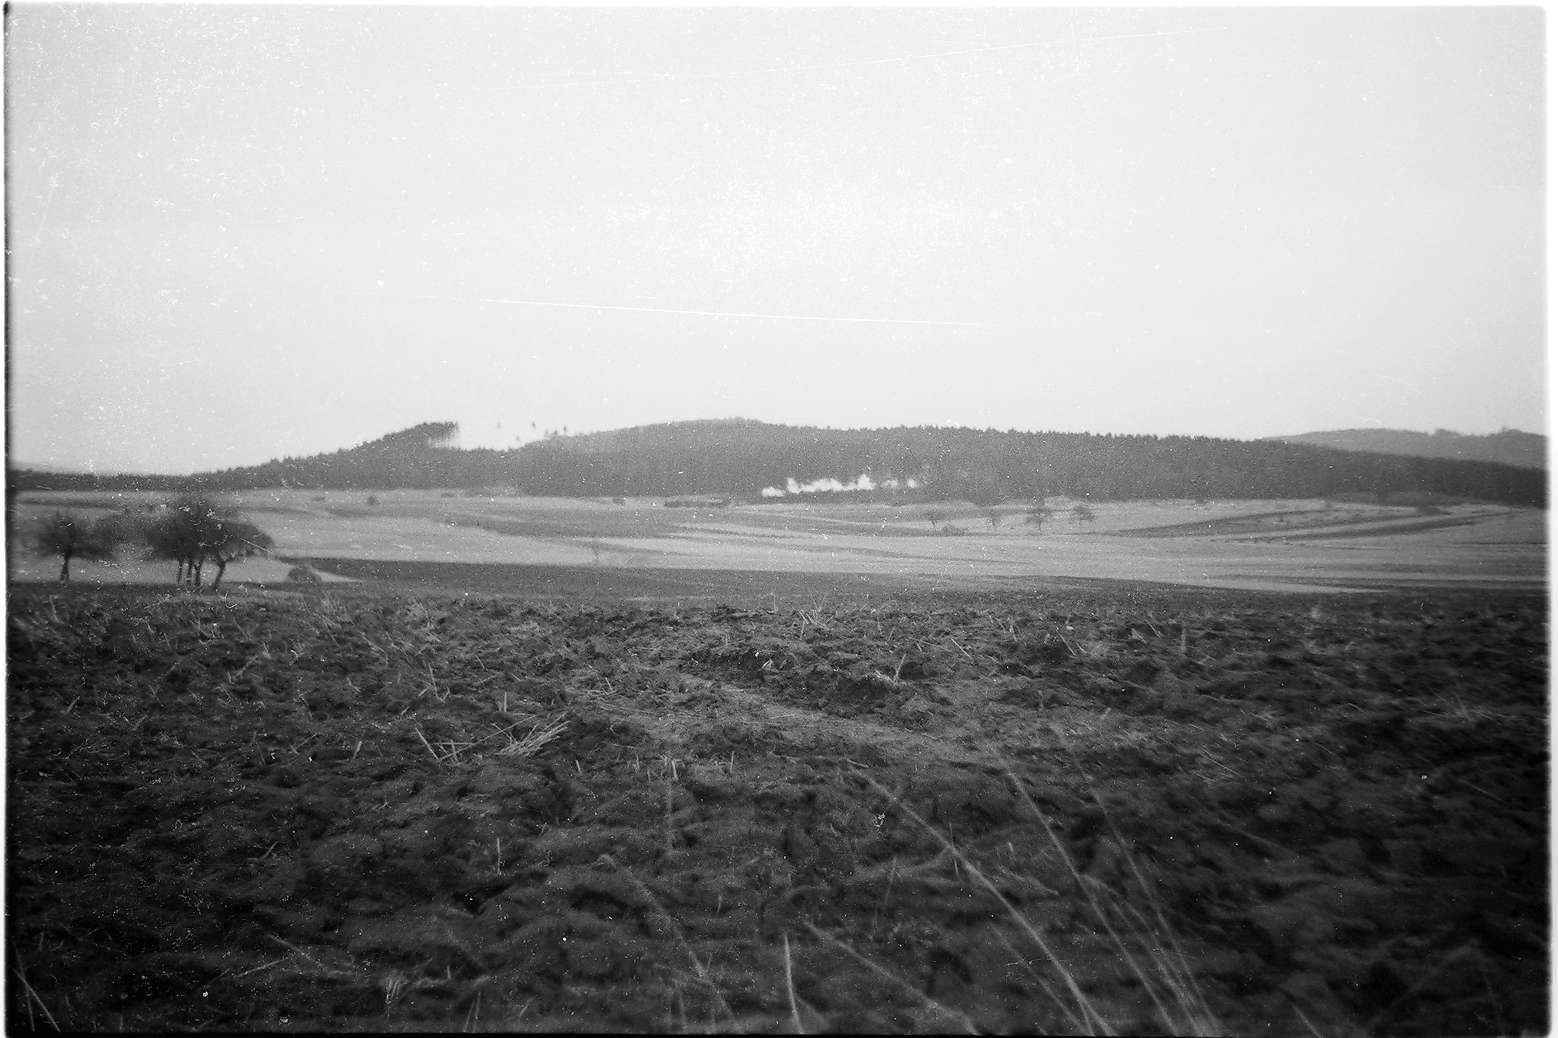 Lok 12, Hilfszug von Stetten, Strecke Stetten bei Haigerloch - Hart, Bild 1